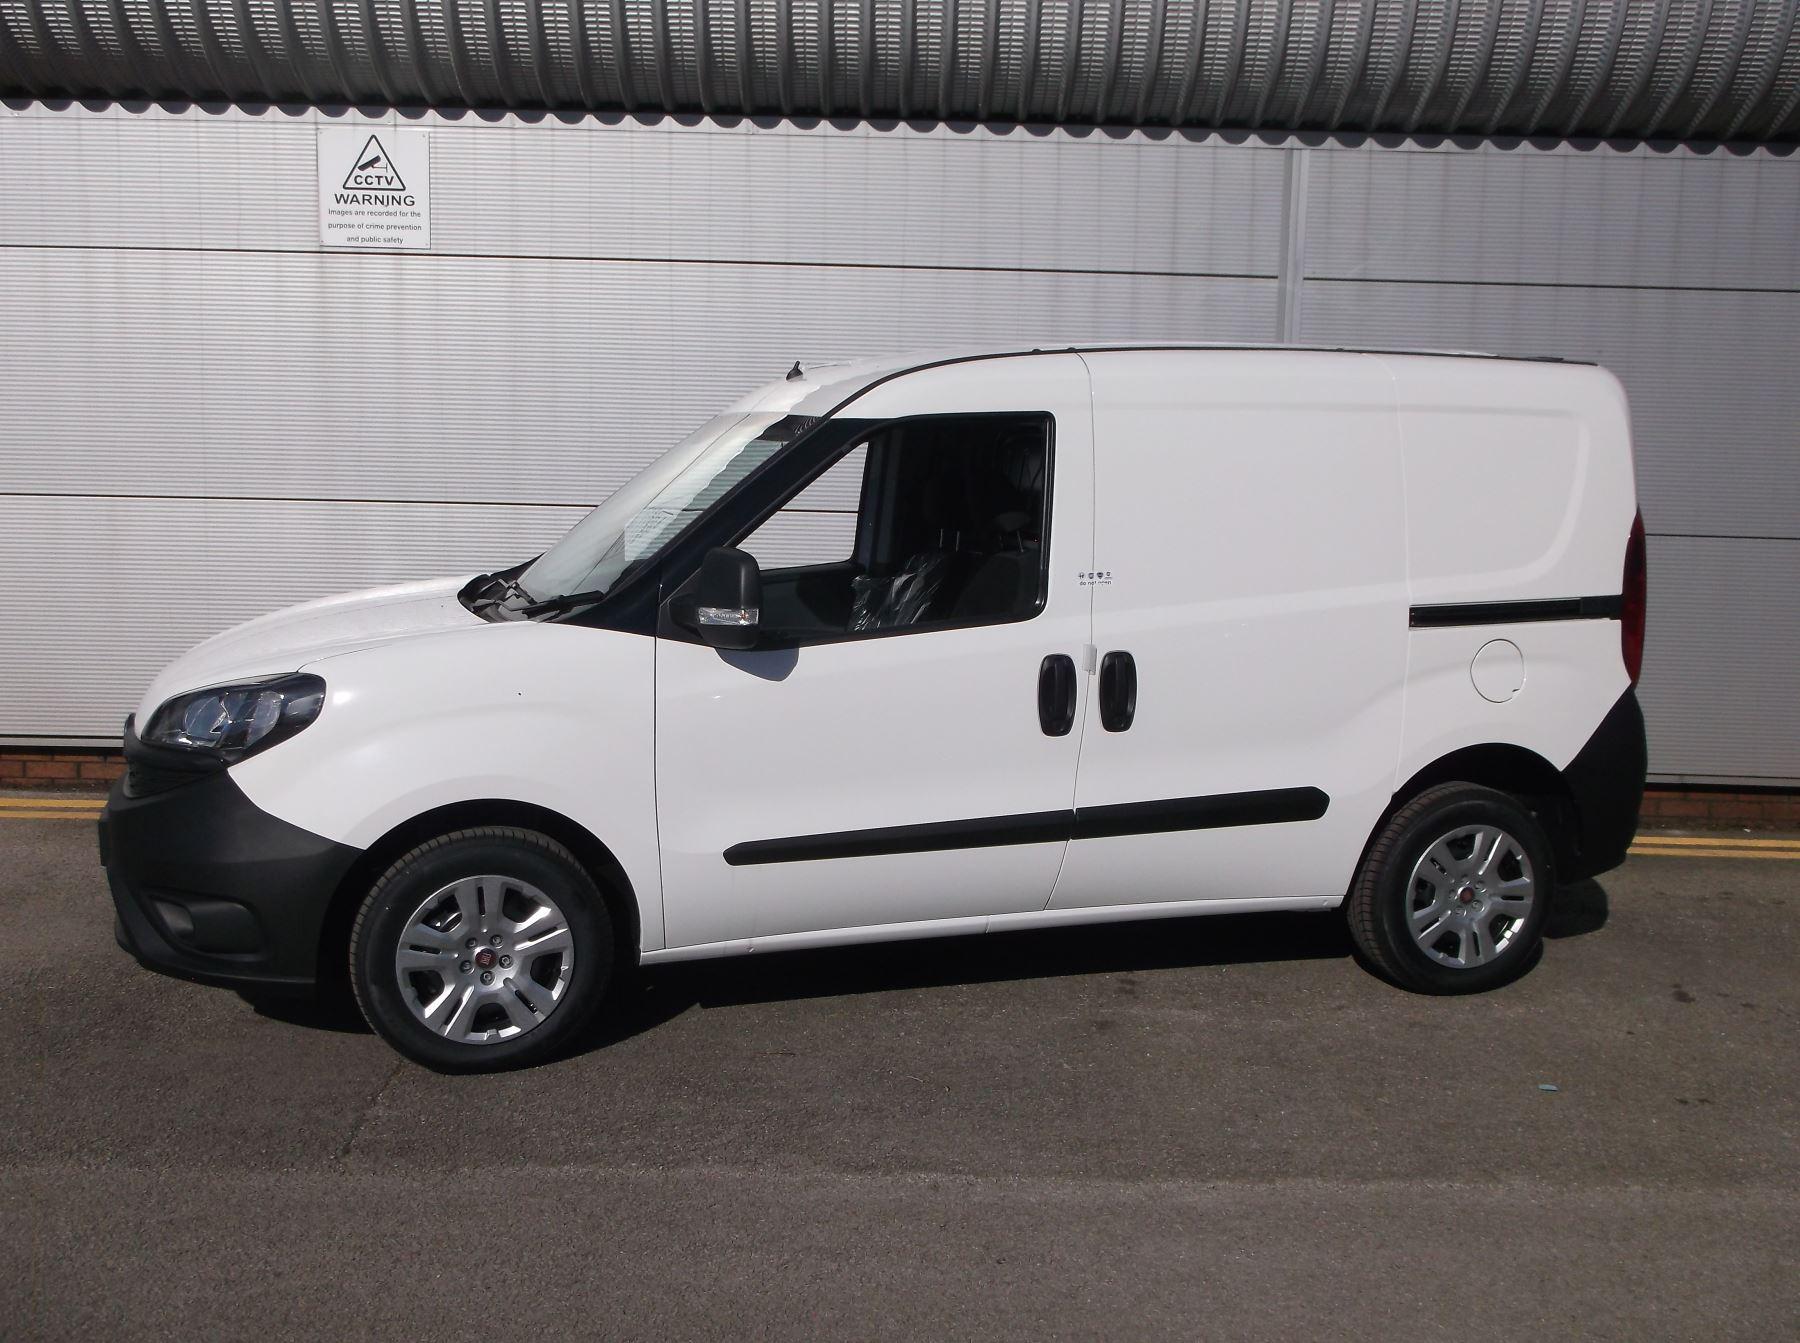 Fiat Doblo Cargo MAXI L2 DIESEL Multijet 16V Tecnico 2.1meter load length 1.6 Diesel 6 door (2019)